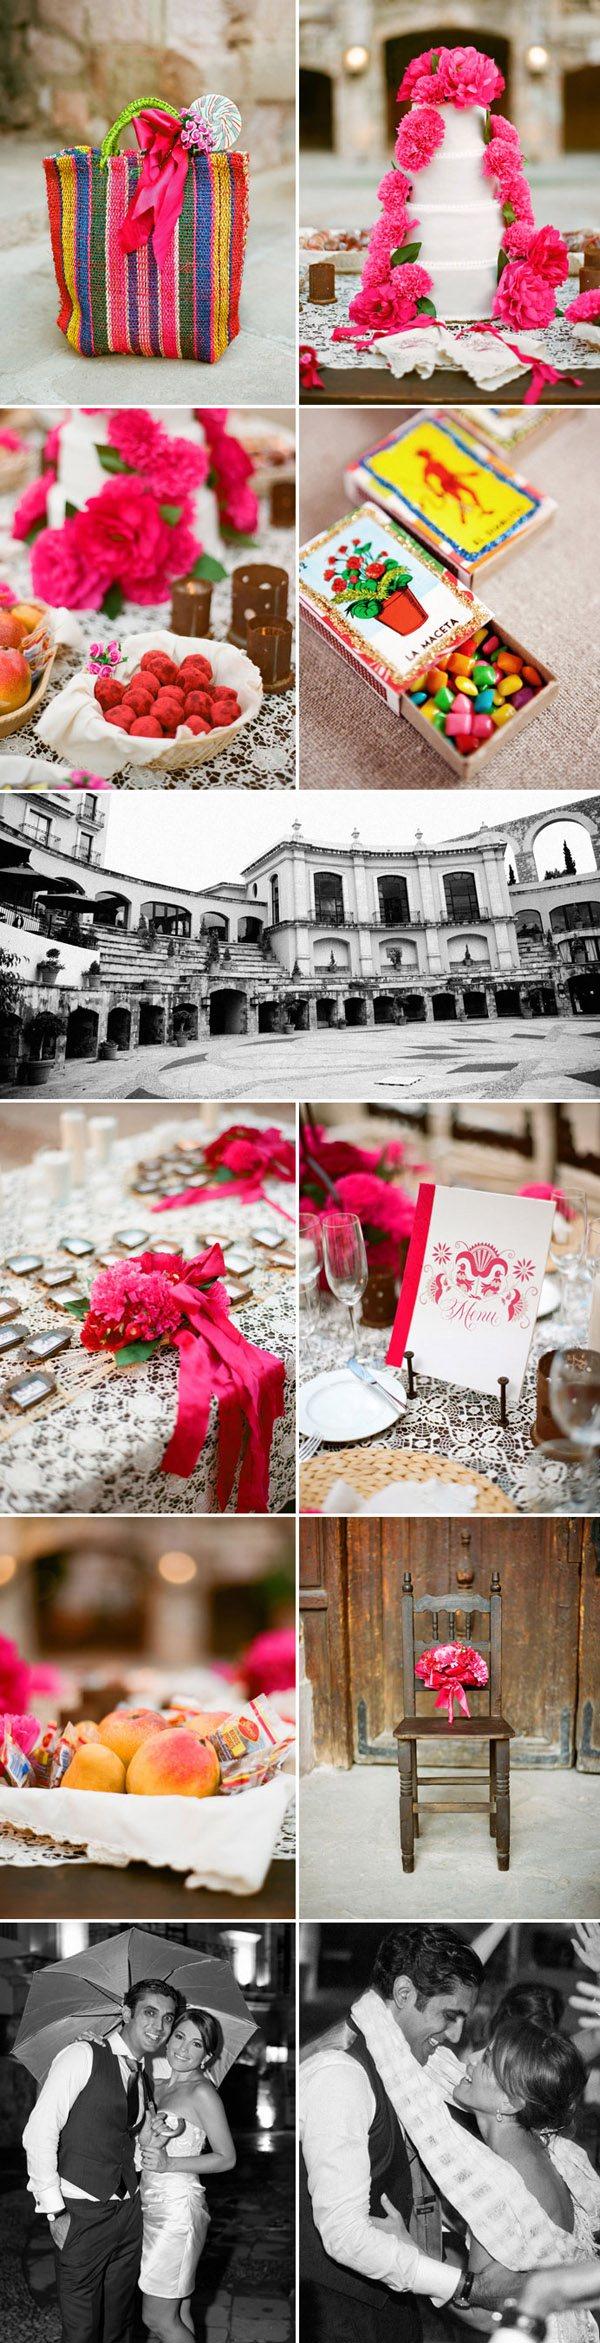 Regina & Zaheen: boda en Zacatecas mexico_11_600x2343